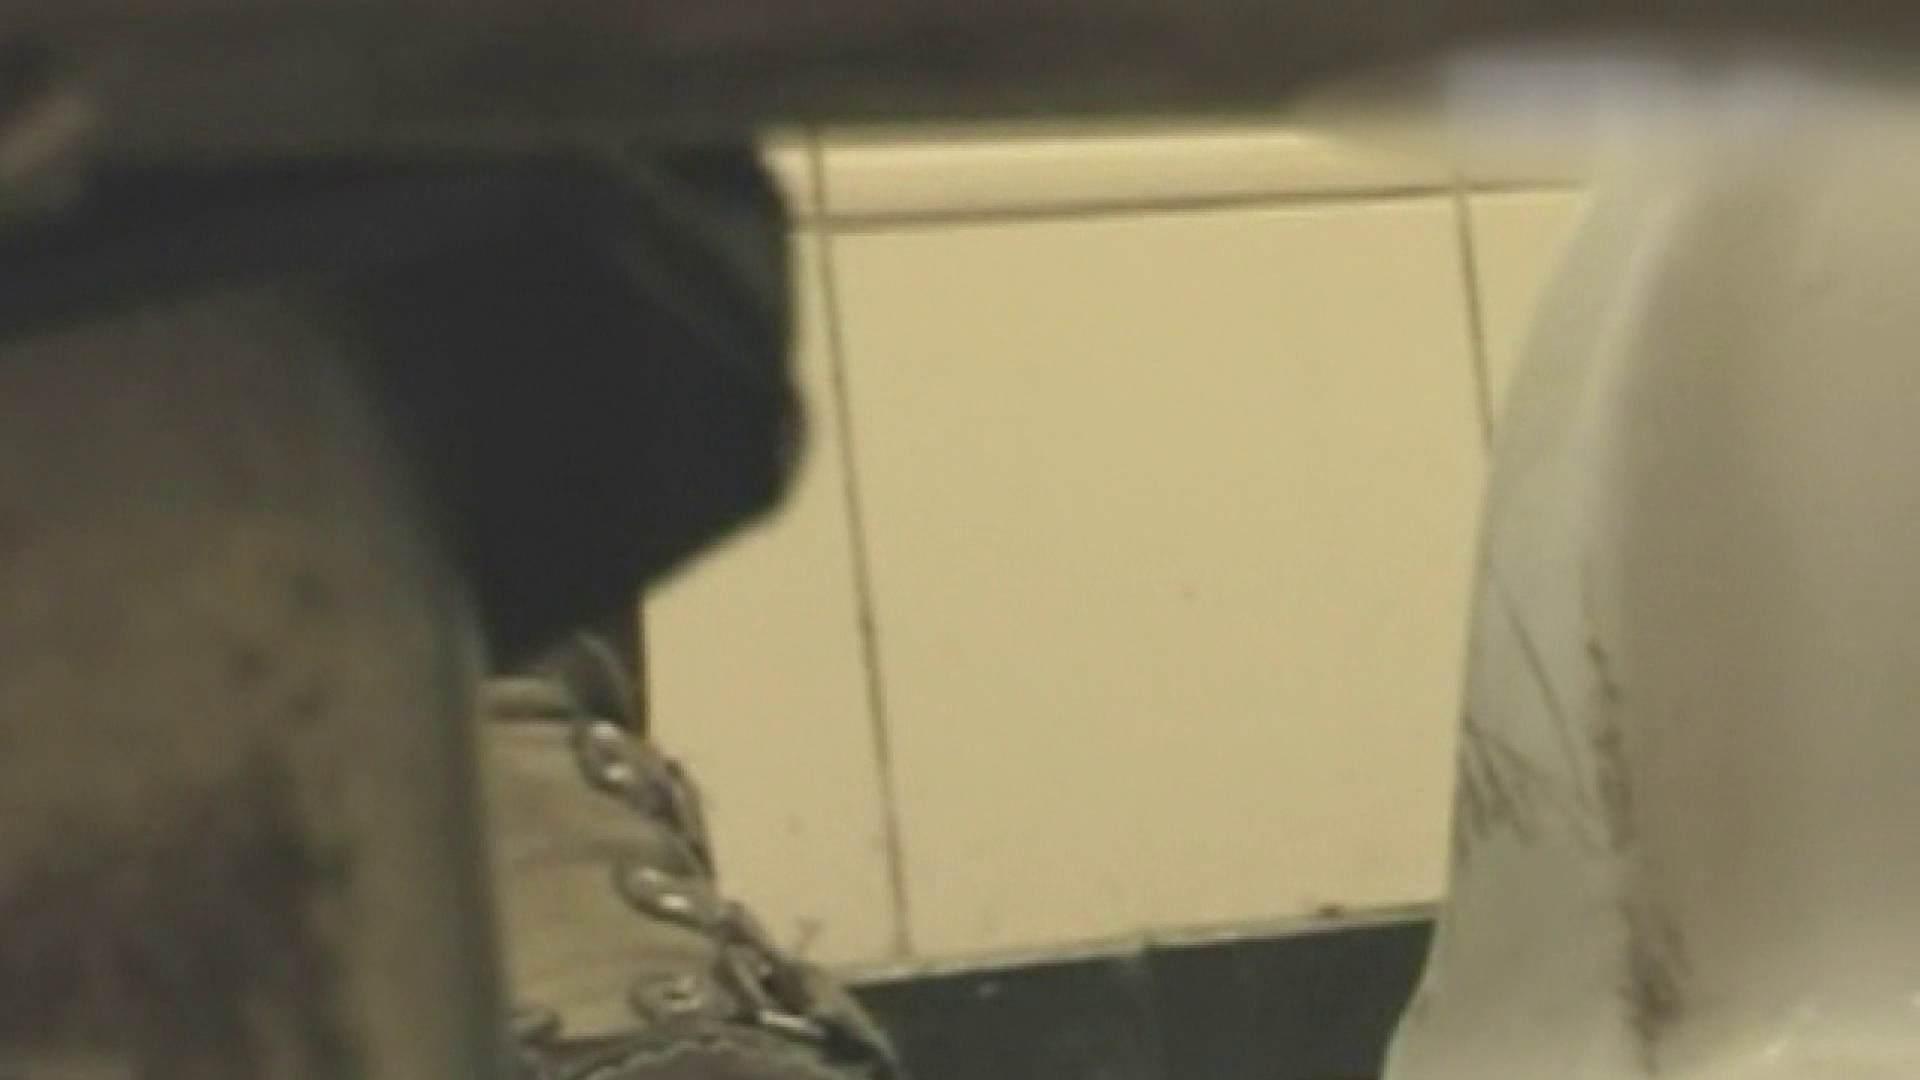 ロックハンドさんの盗撮記録File.23 マンコエロすぎ SEX無修正画像 108PIX 27